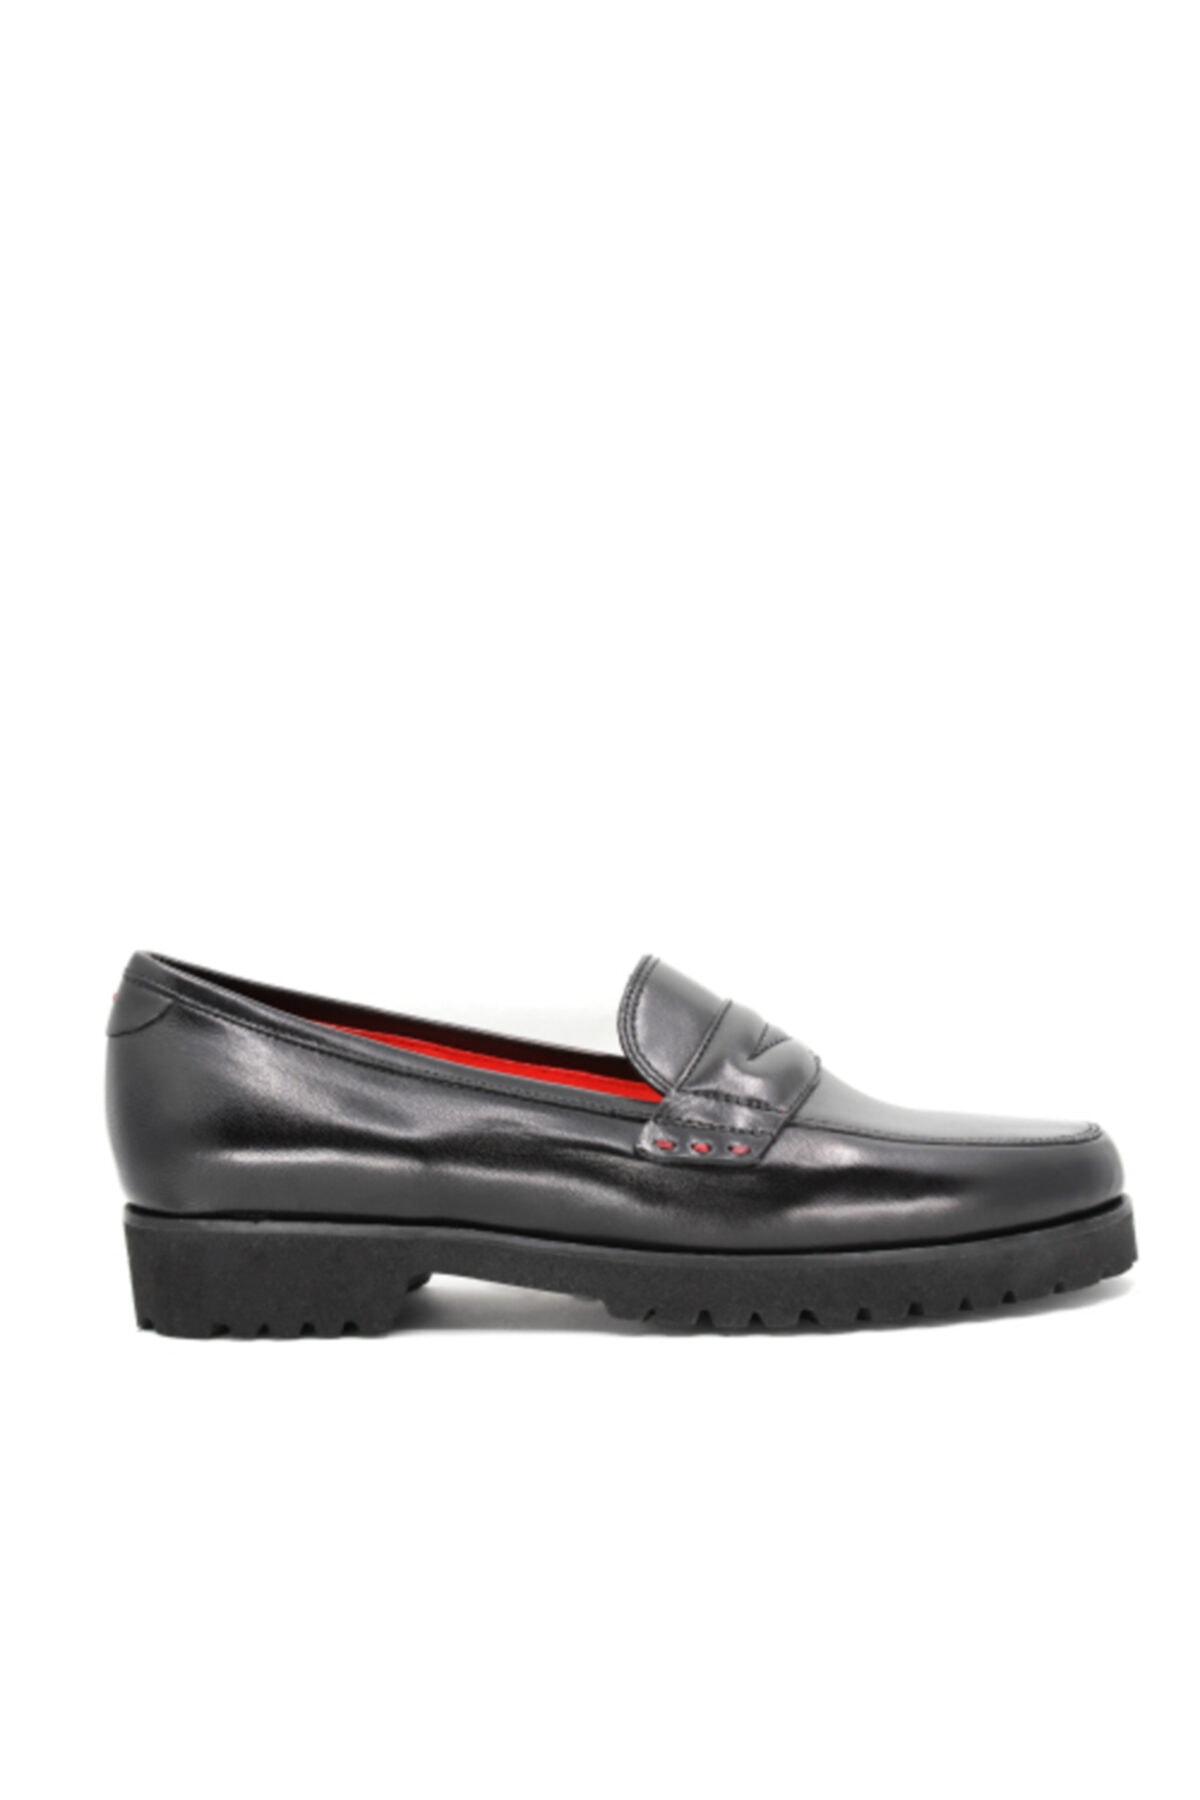 Gritti Kadın Siyah Deri Loafer Ayakkabı 1486